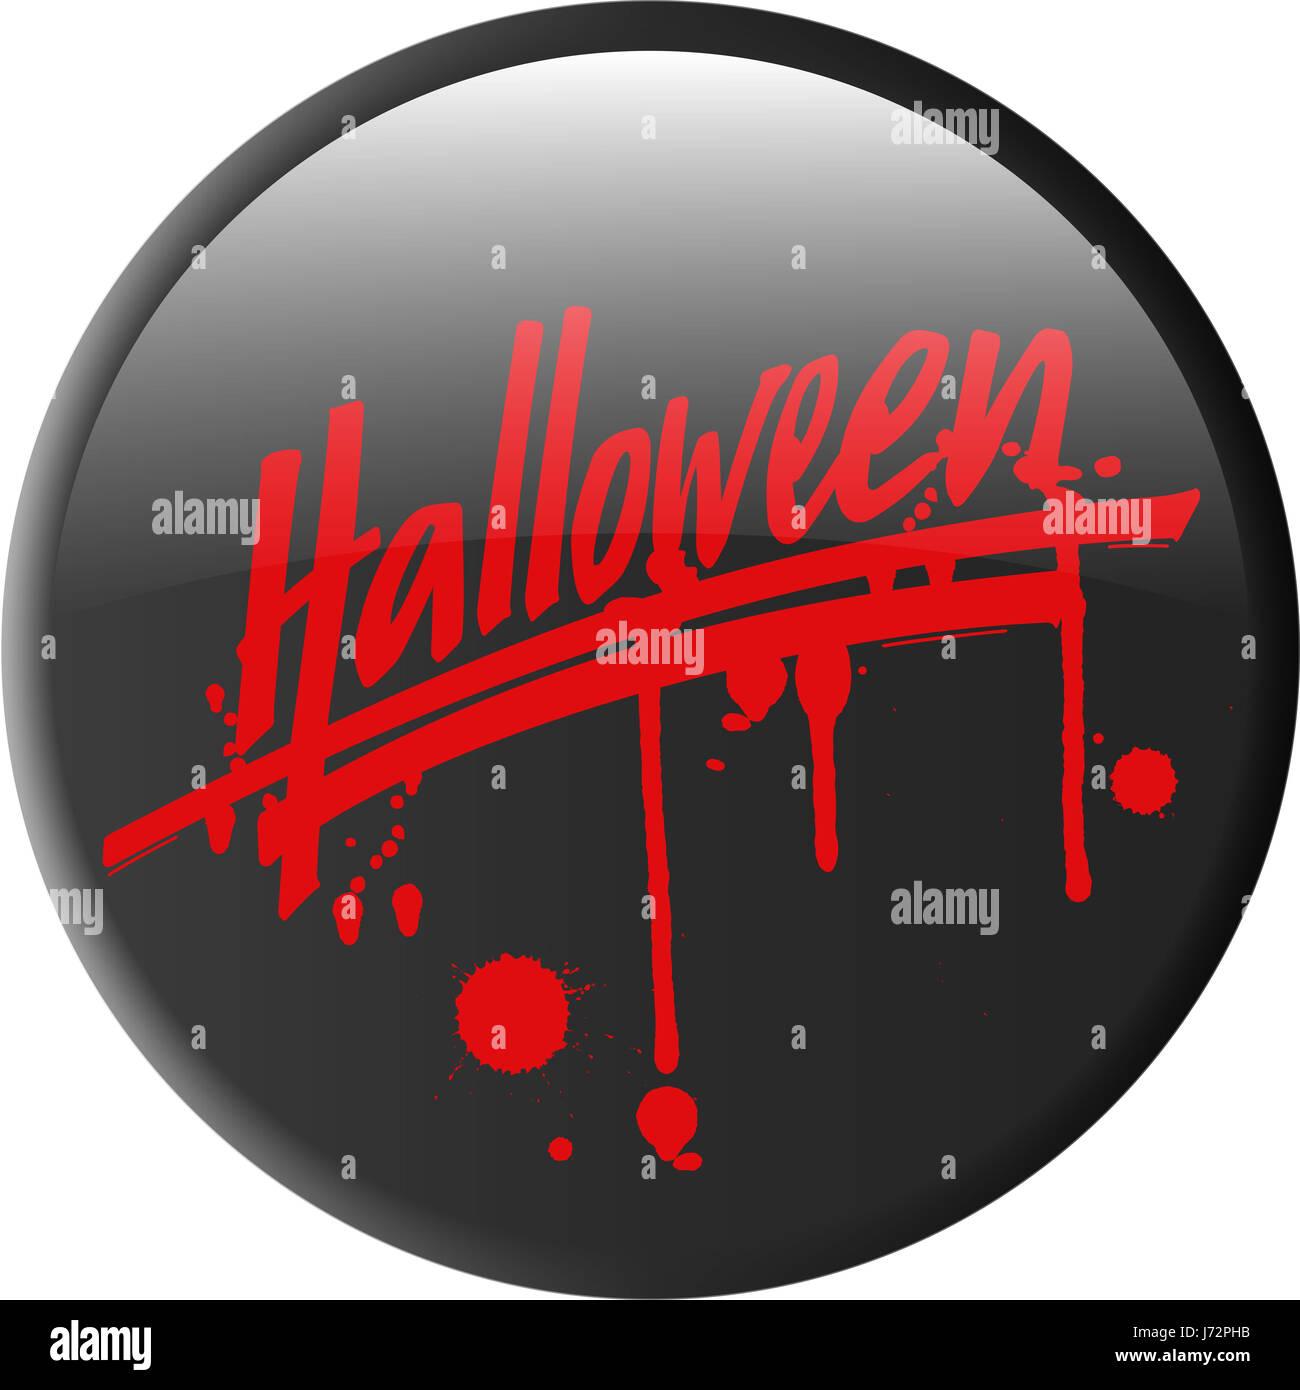 button abzeichen halloween spuk aufkleber bse blut horror button abzeichen - Stock Image